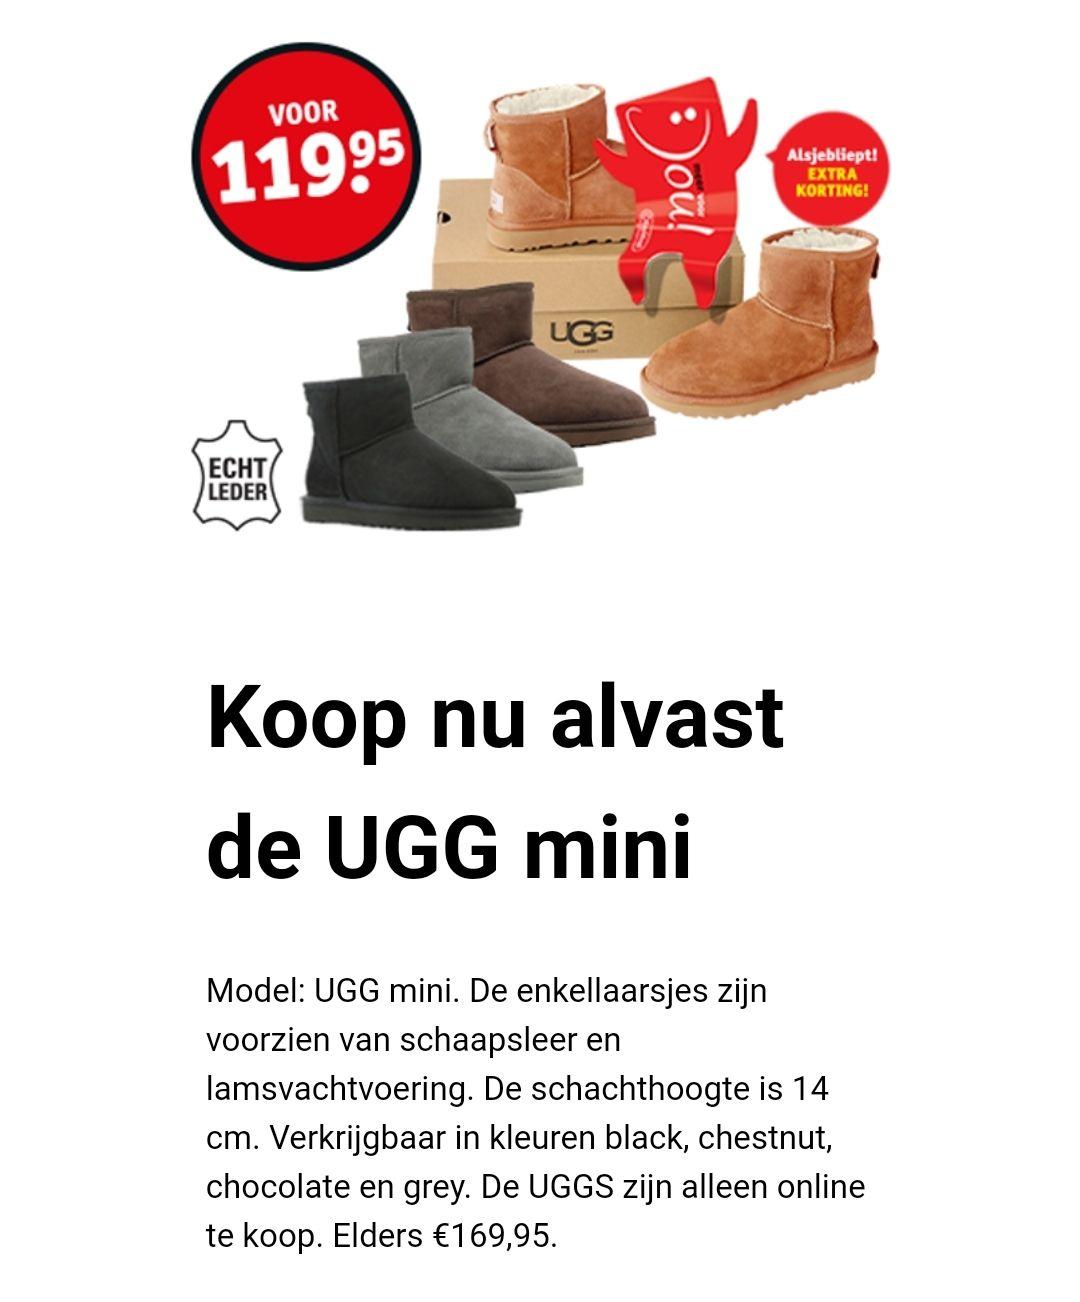 Uggs mini €119 @ Kruidvat